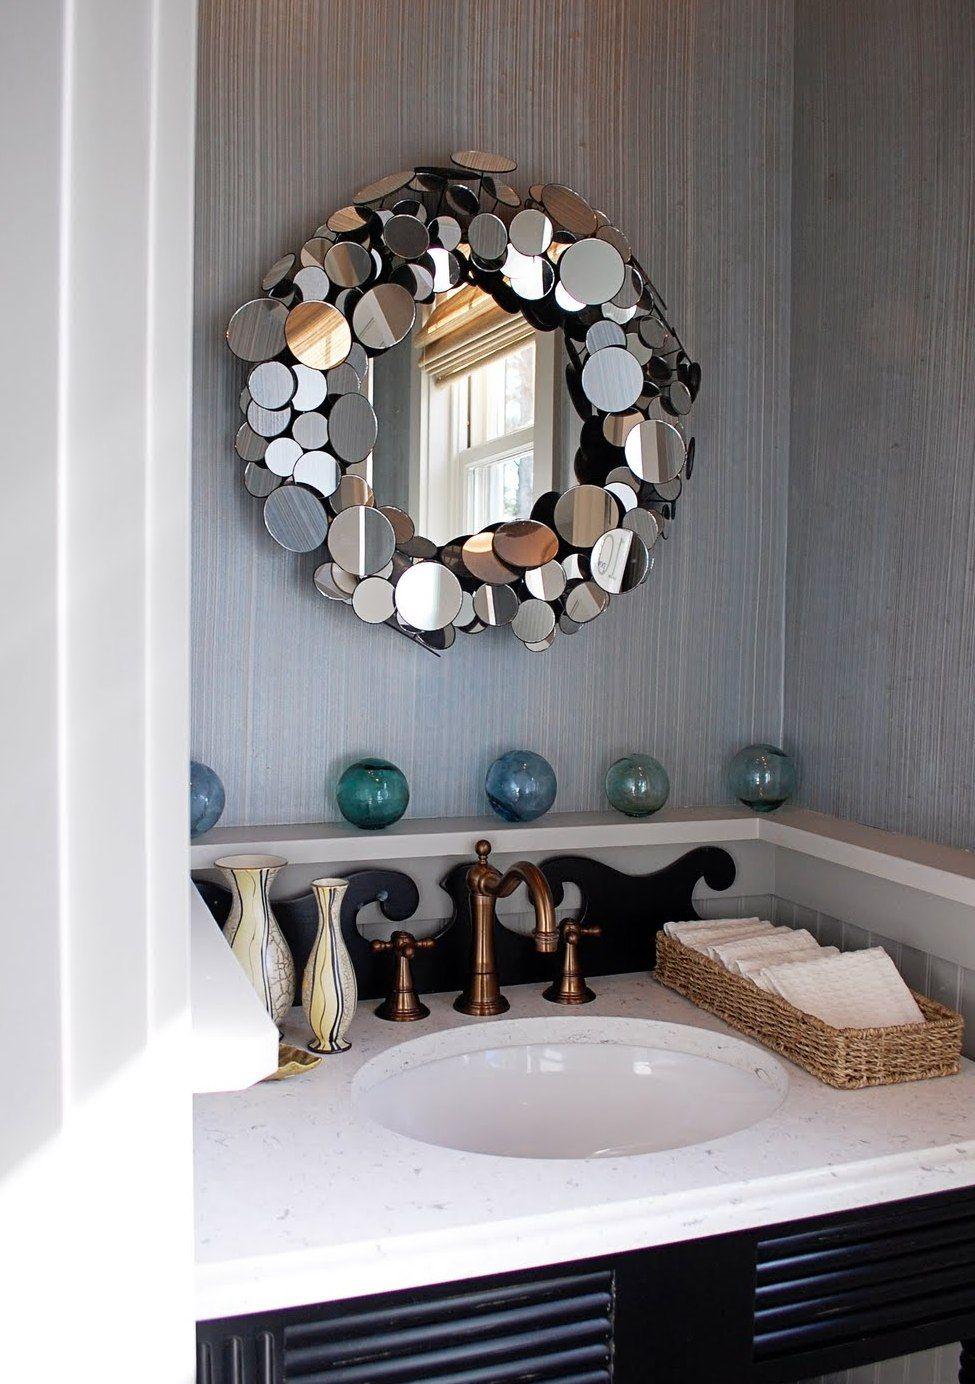 Idée créative - le cadre est confronté à de petits miroirs ronds